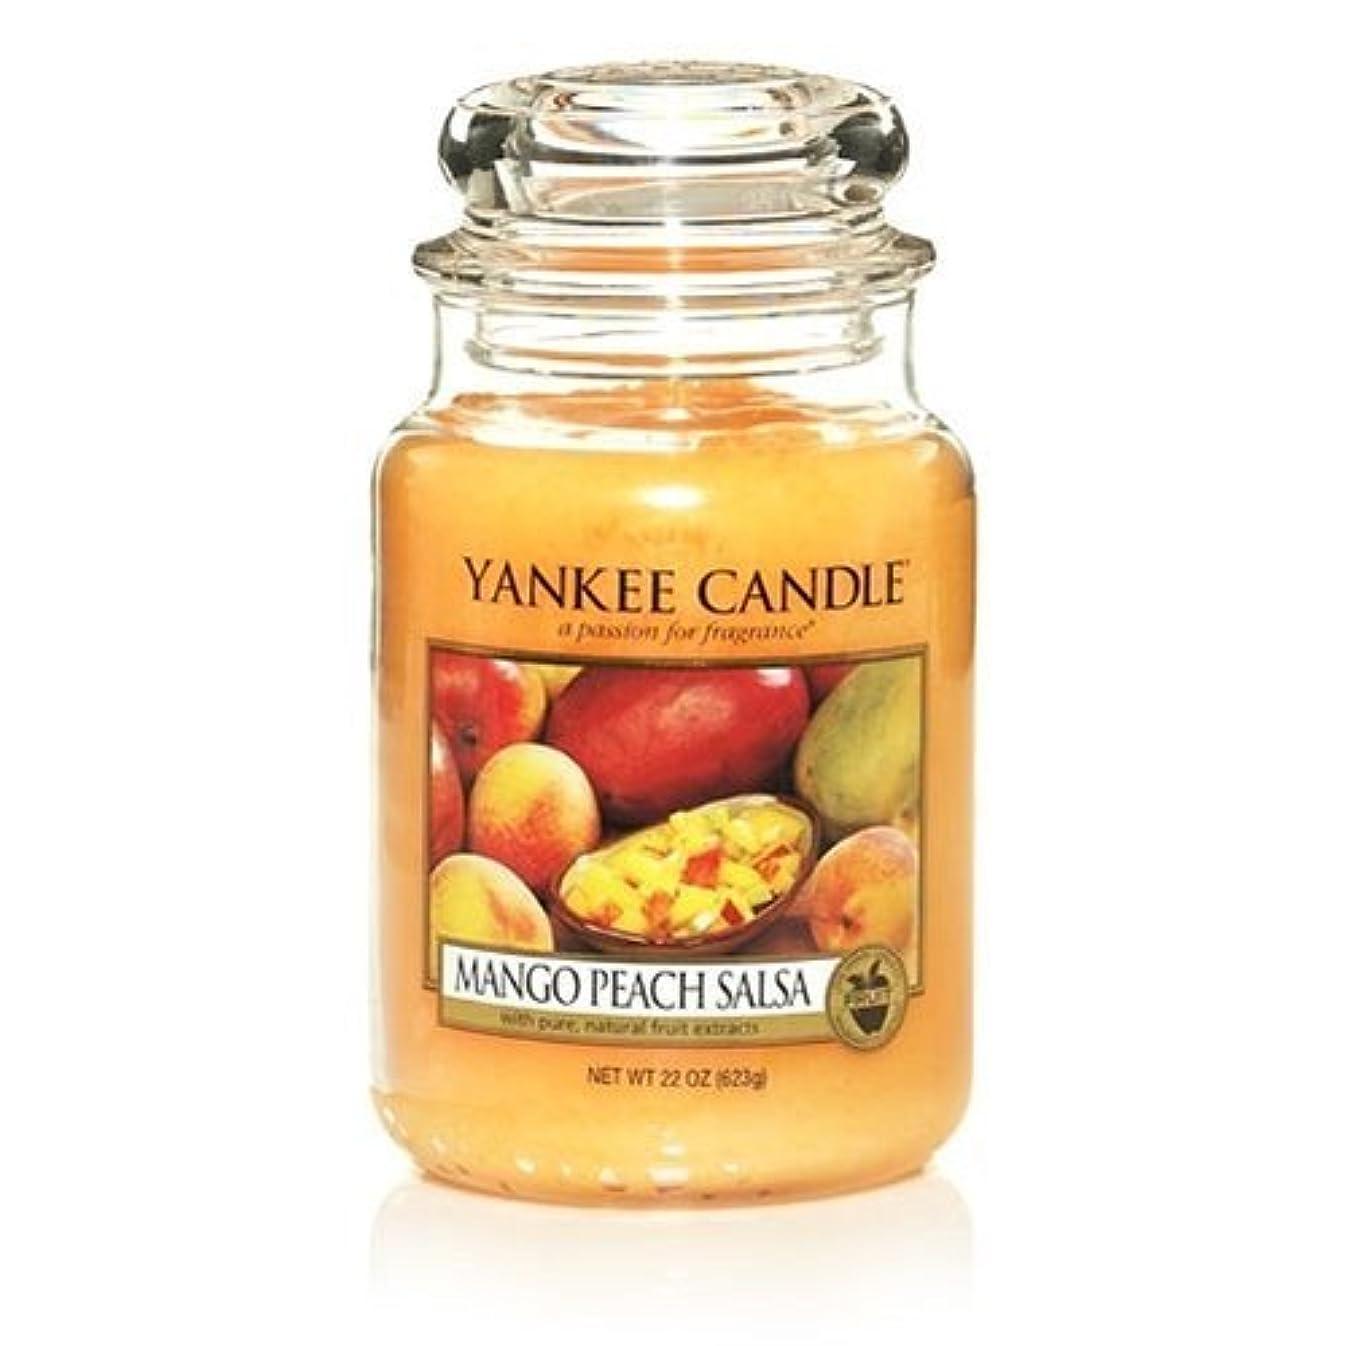 クラシカル実験室真似るYankee Candle 22-Ounce Jar Scented Candle, Large, Mango Peach Salsa by Amazon source [並行輸入品]